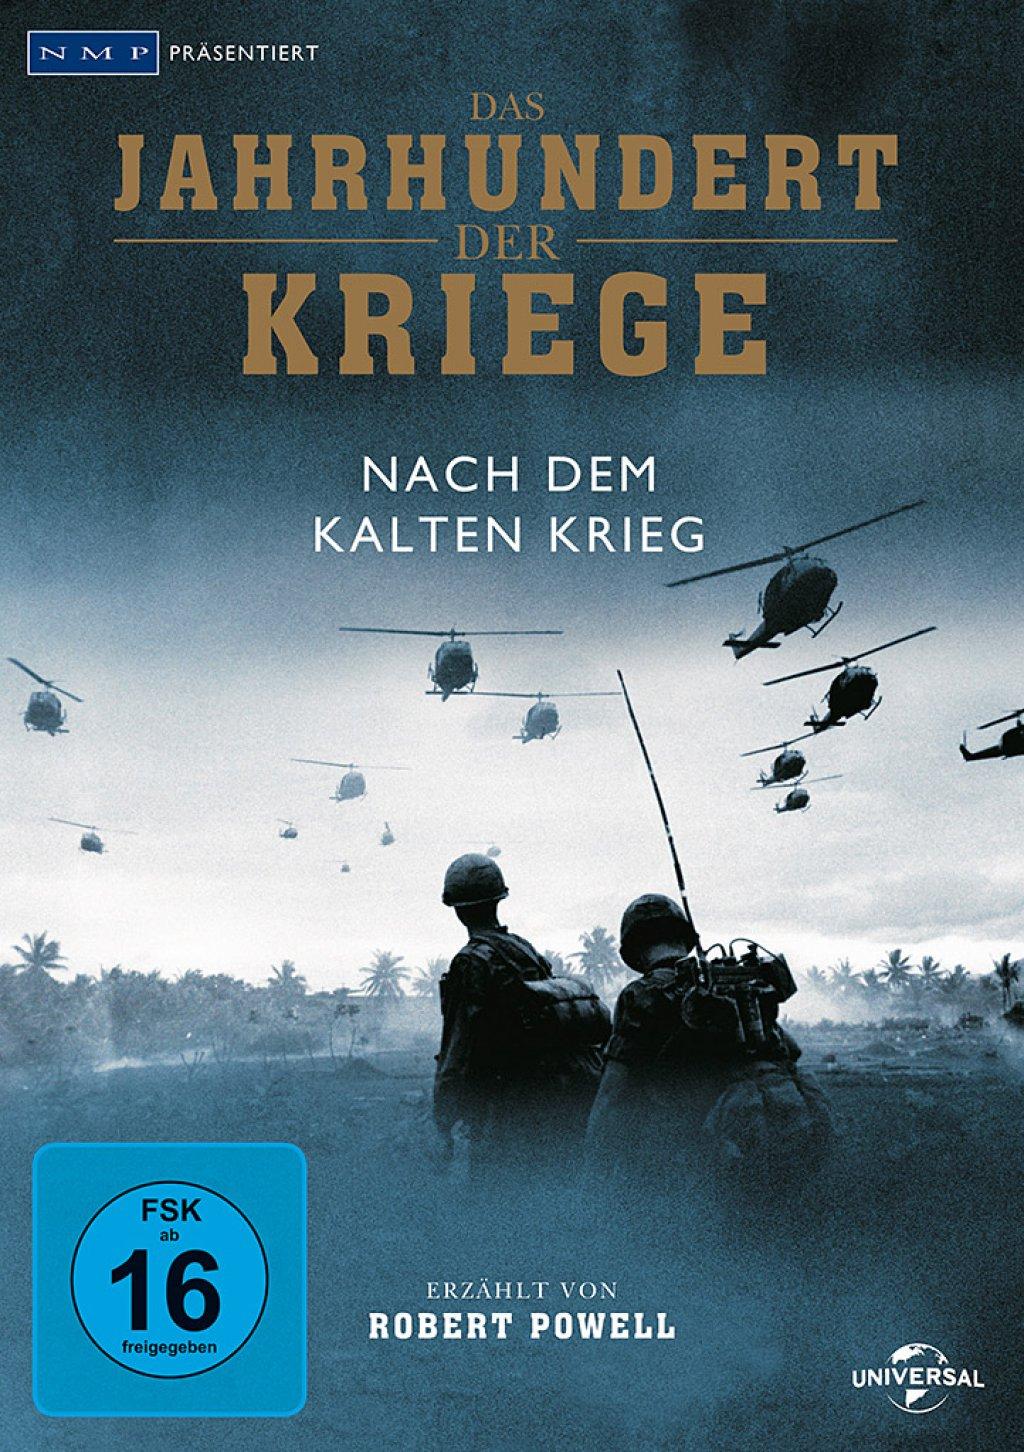 Das Jahrhundert der Kriege - Nach dem Kalten Krieg - Vol. 07 (DVD)